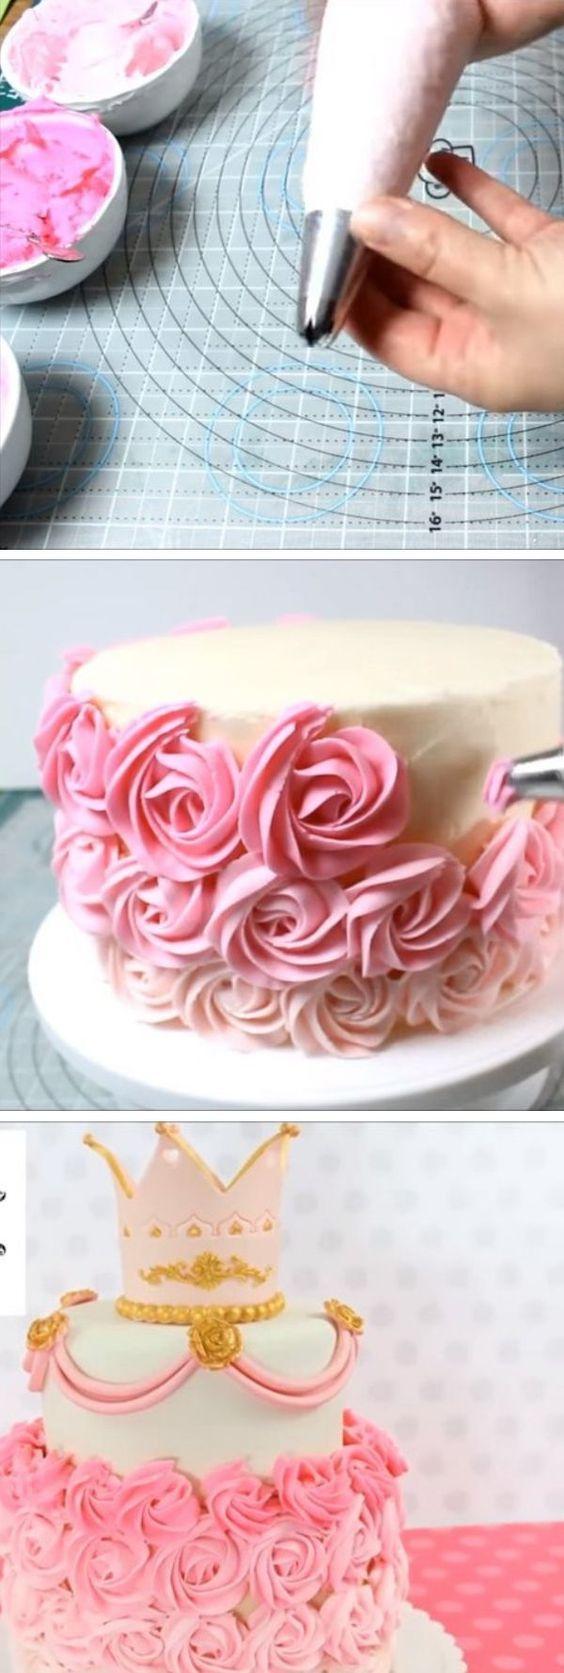 Cómo hacer rosas de crema desde cero